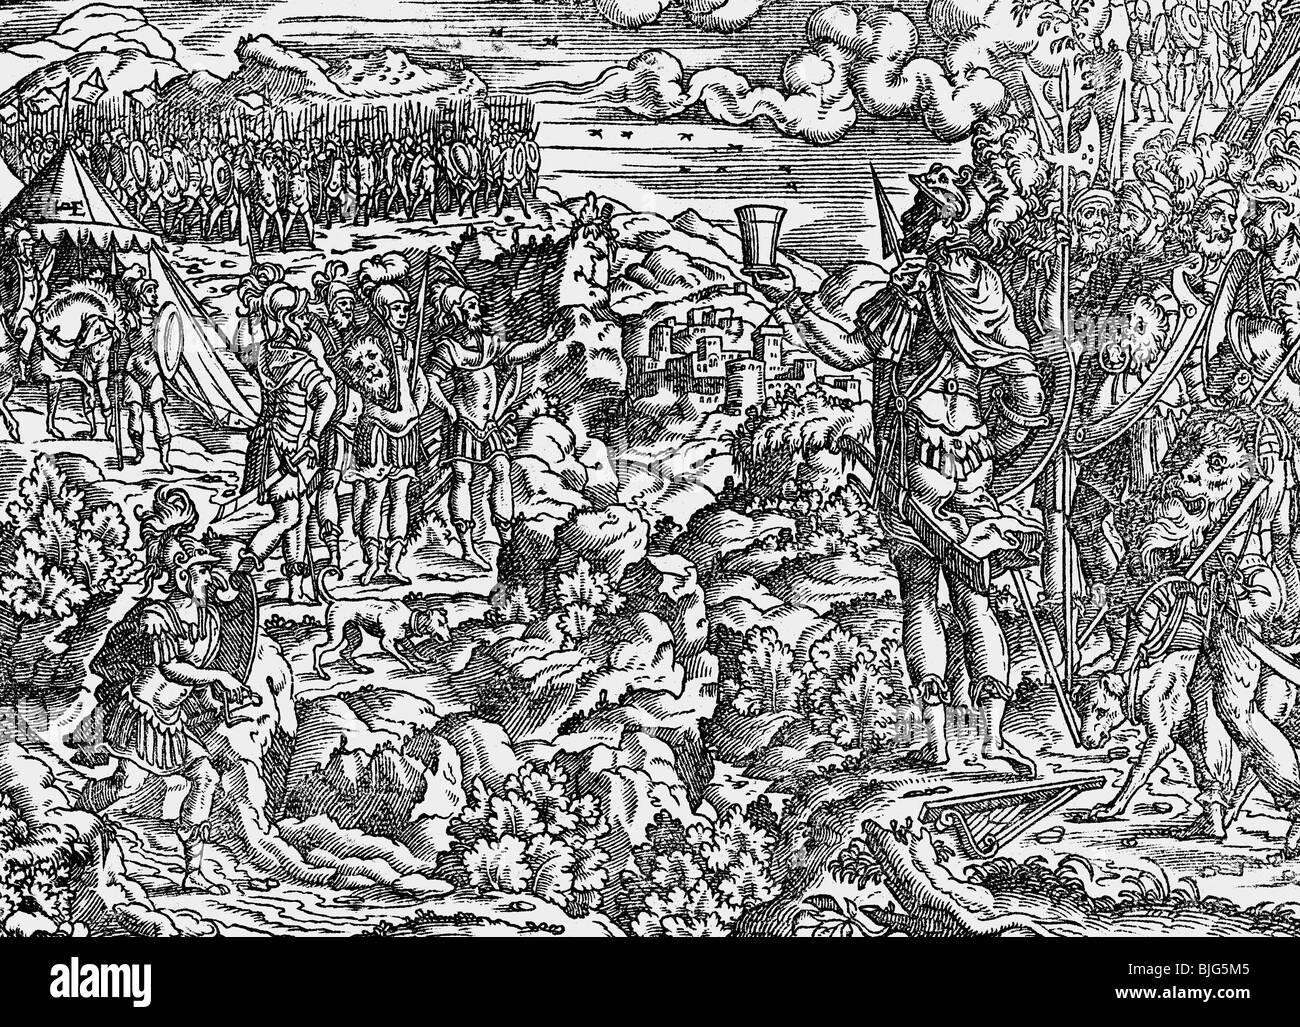 Belas Artes, Amman, Jost (1539-1591), xilogravura, 15,5 cm x 11 cm., ilustração a partir da Bíblia, Imagens de Stock